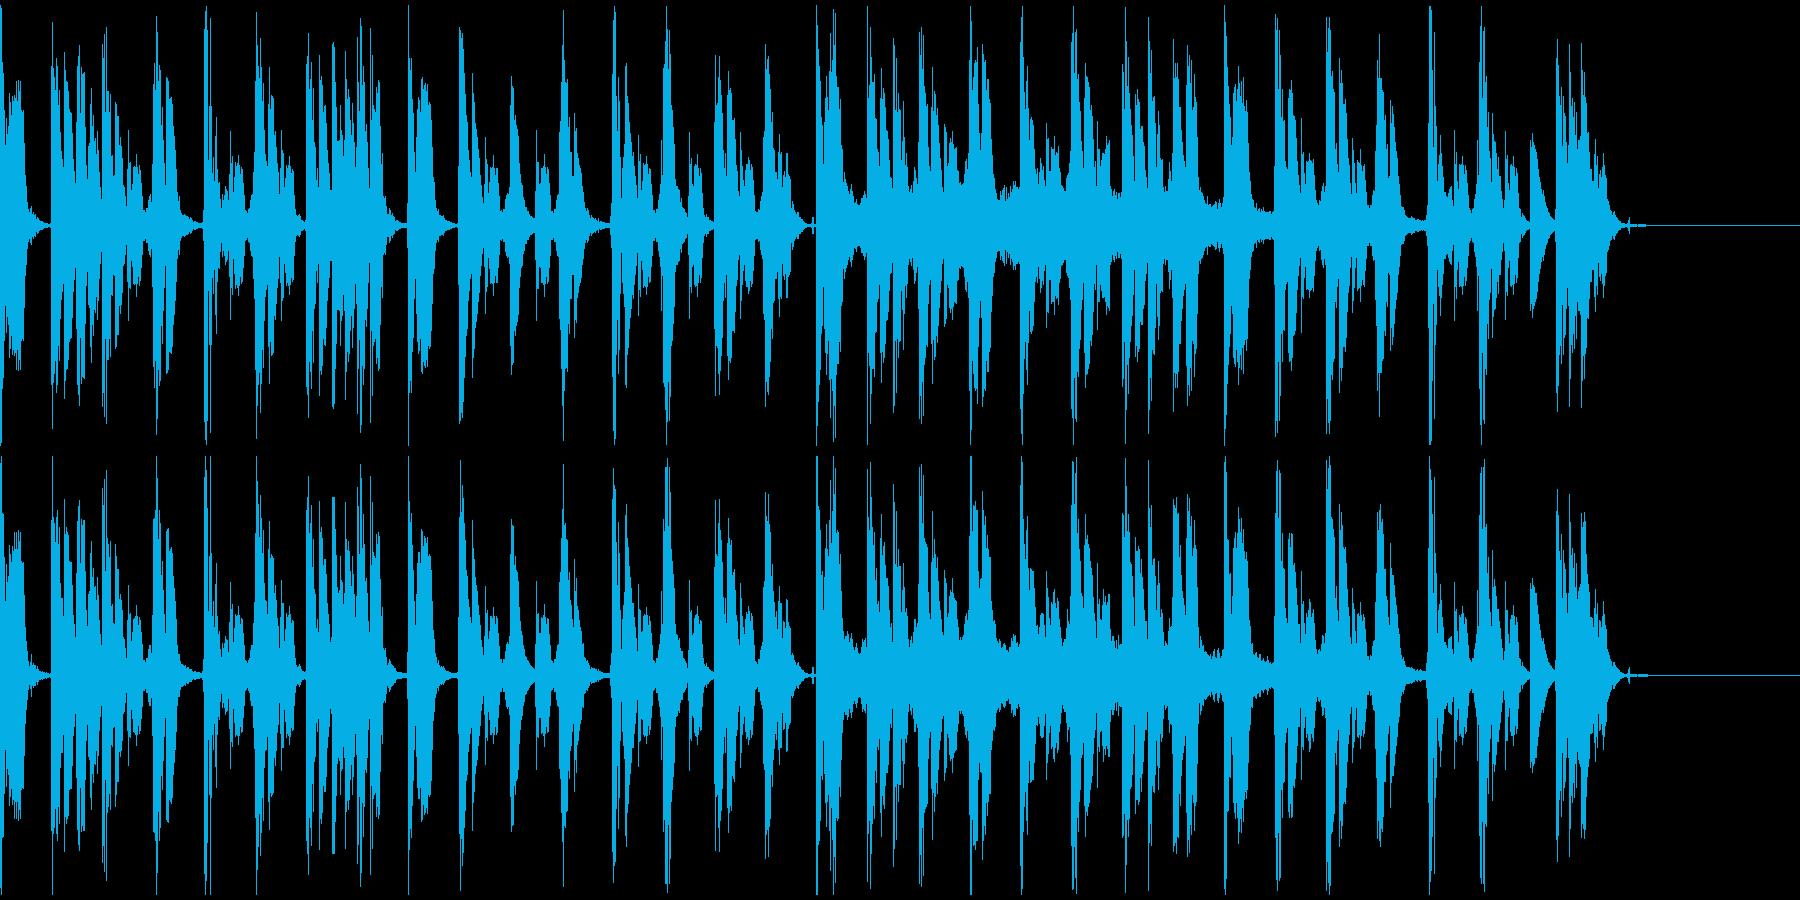 【エレクトロニカ】ロング5、ショート2の再生済みの波形